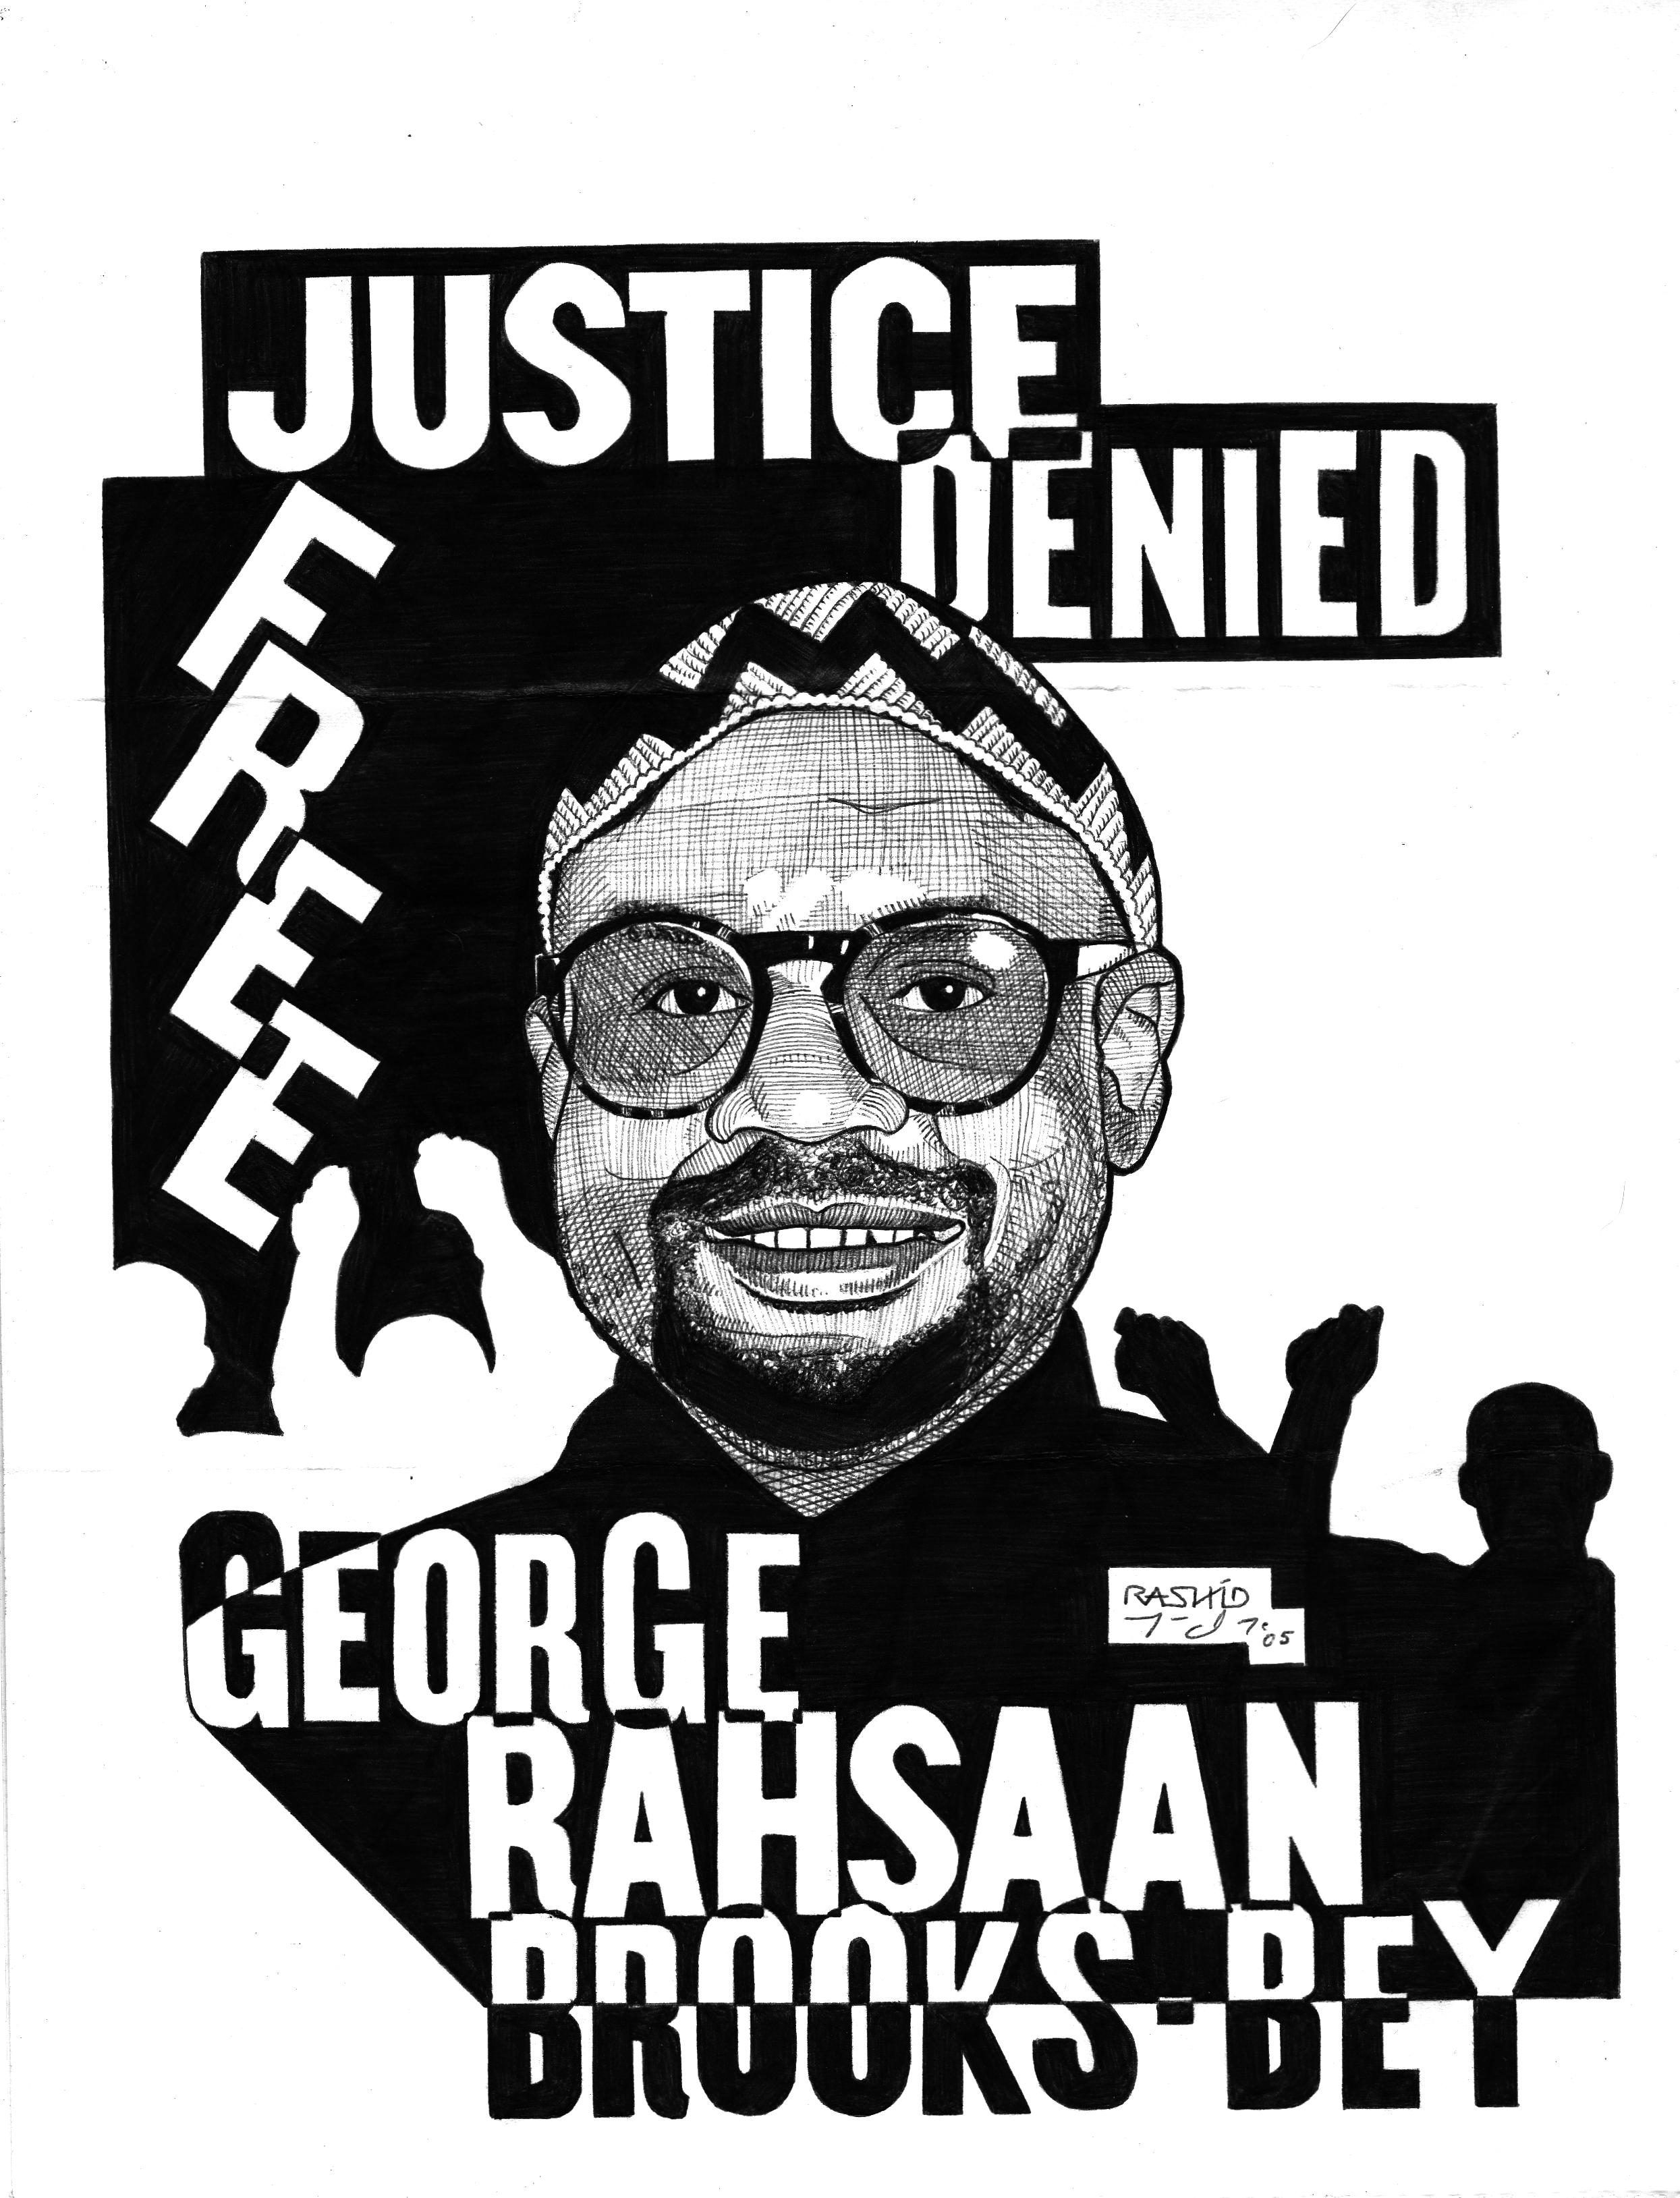 George Rahsaan Brooks-Bey